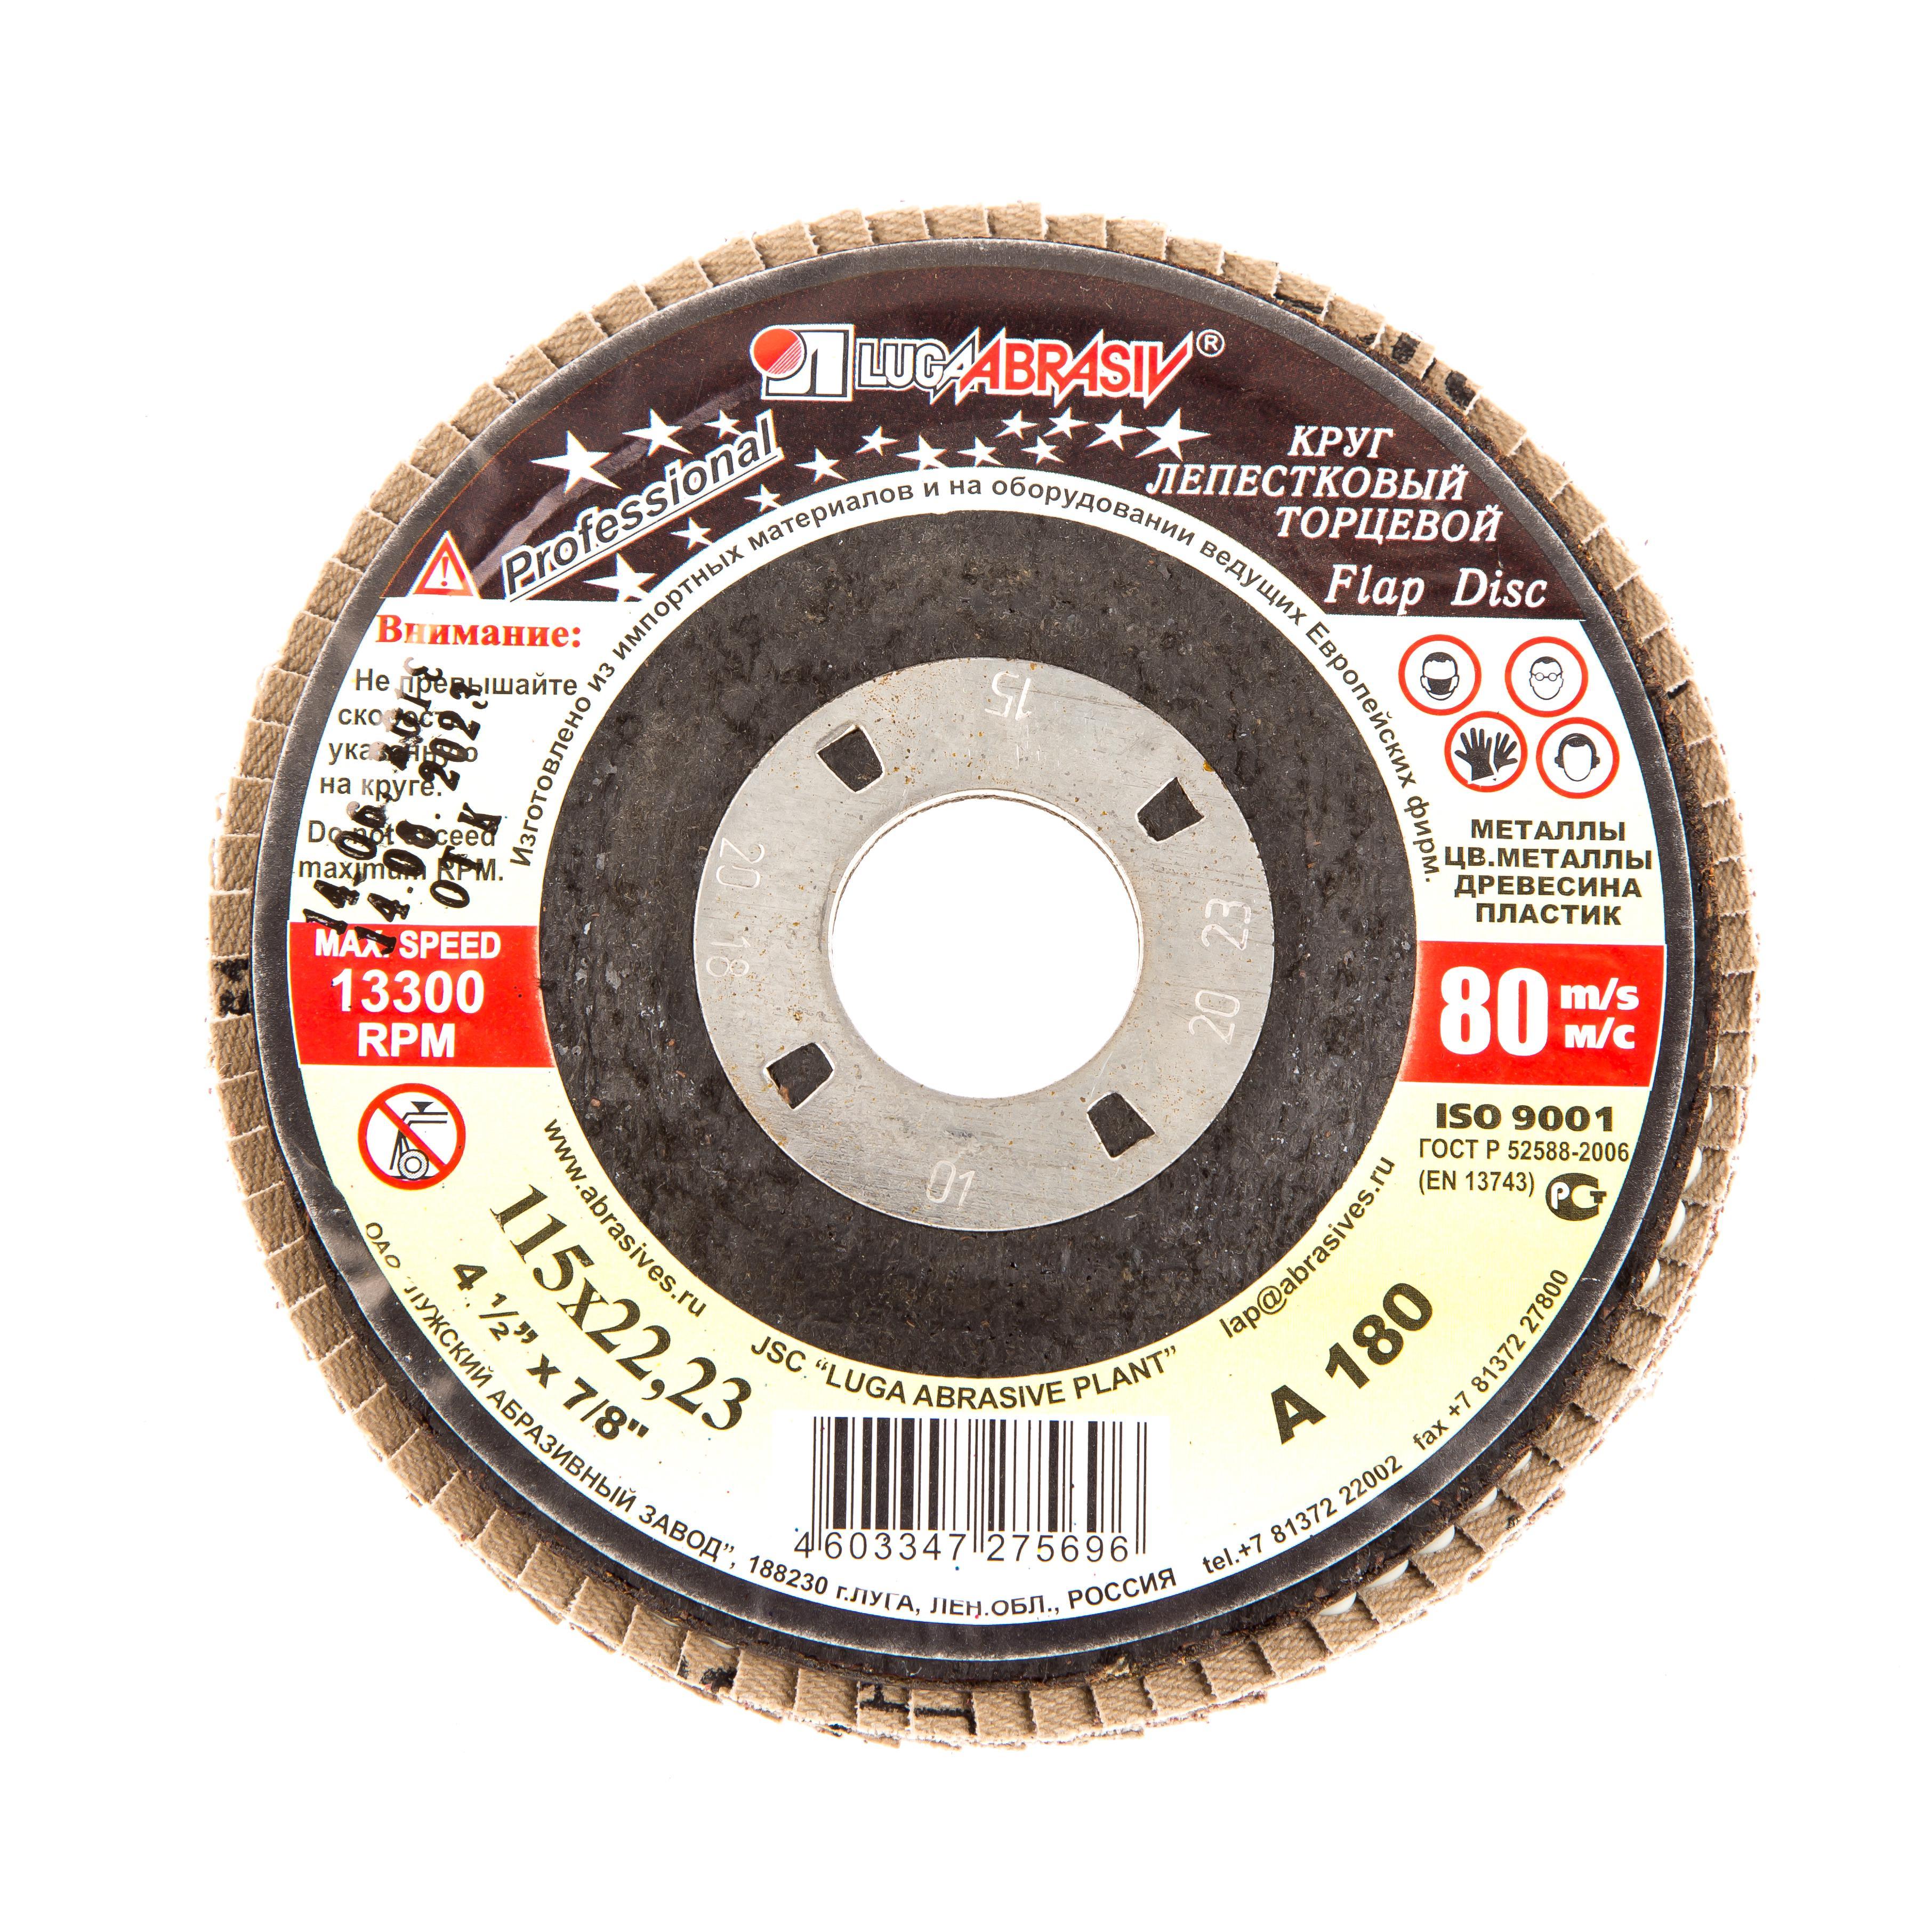 Круг Лепестковый Торцевой (КЛТ) ЛУГА-АБРАЗИВ КЛТ1 115 Х 22 Р180 (№8) круг отрезной hammer flex 115 x 1 0 x 22 по металлу и нержавеющей стали 25шт